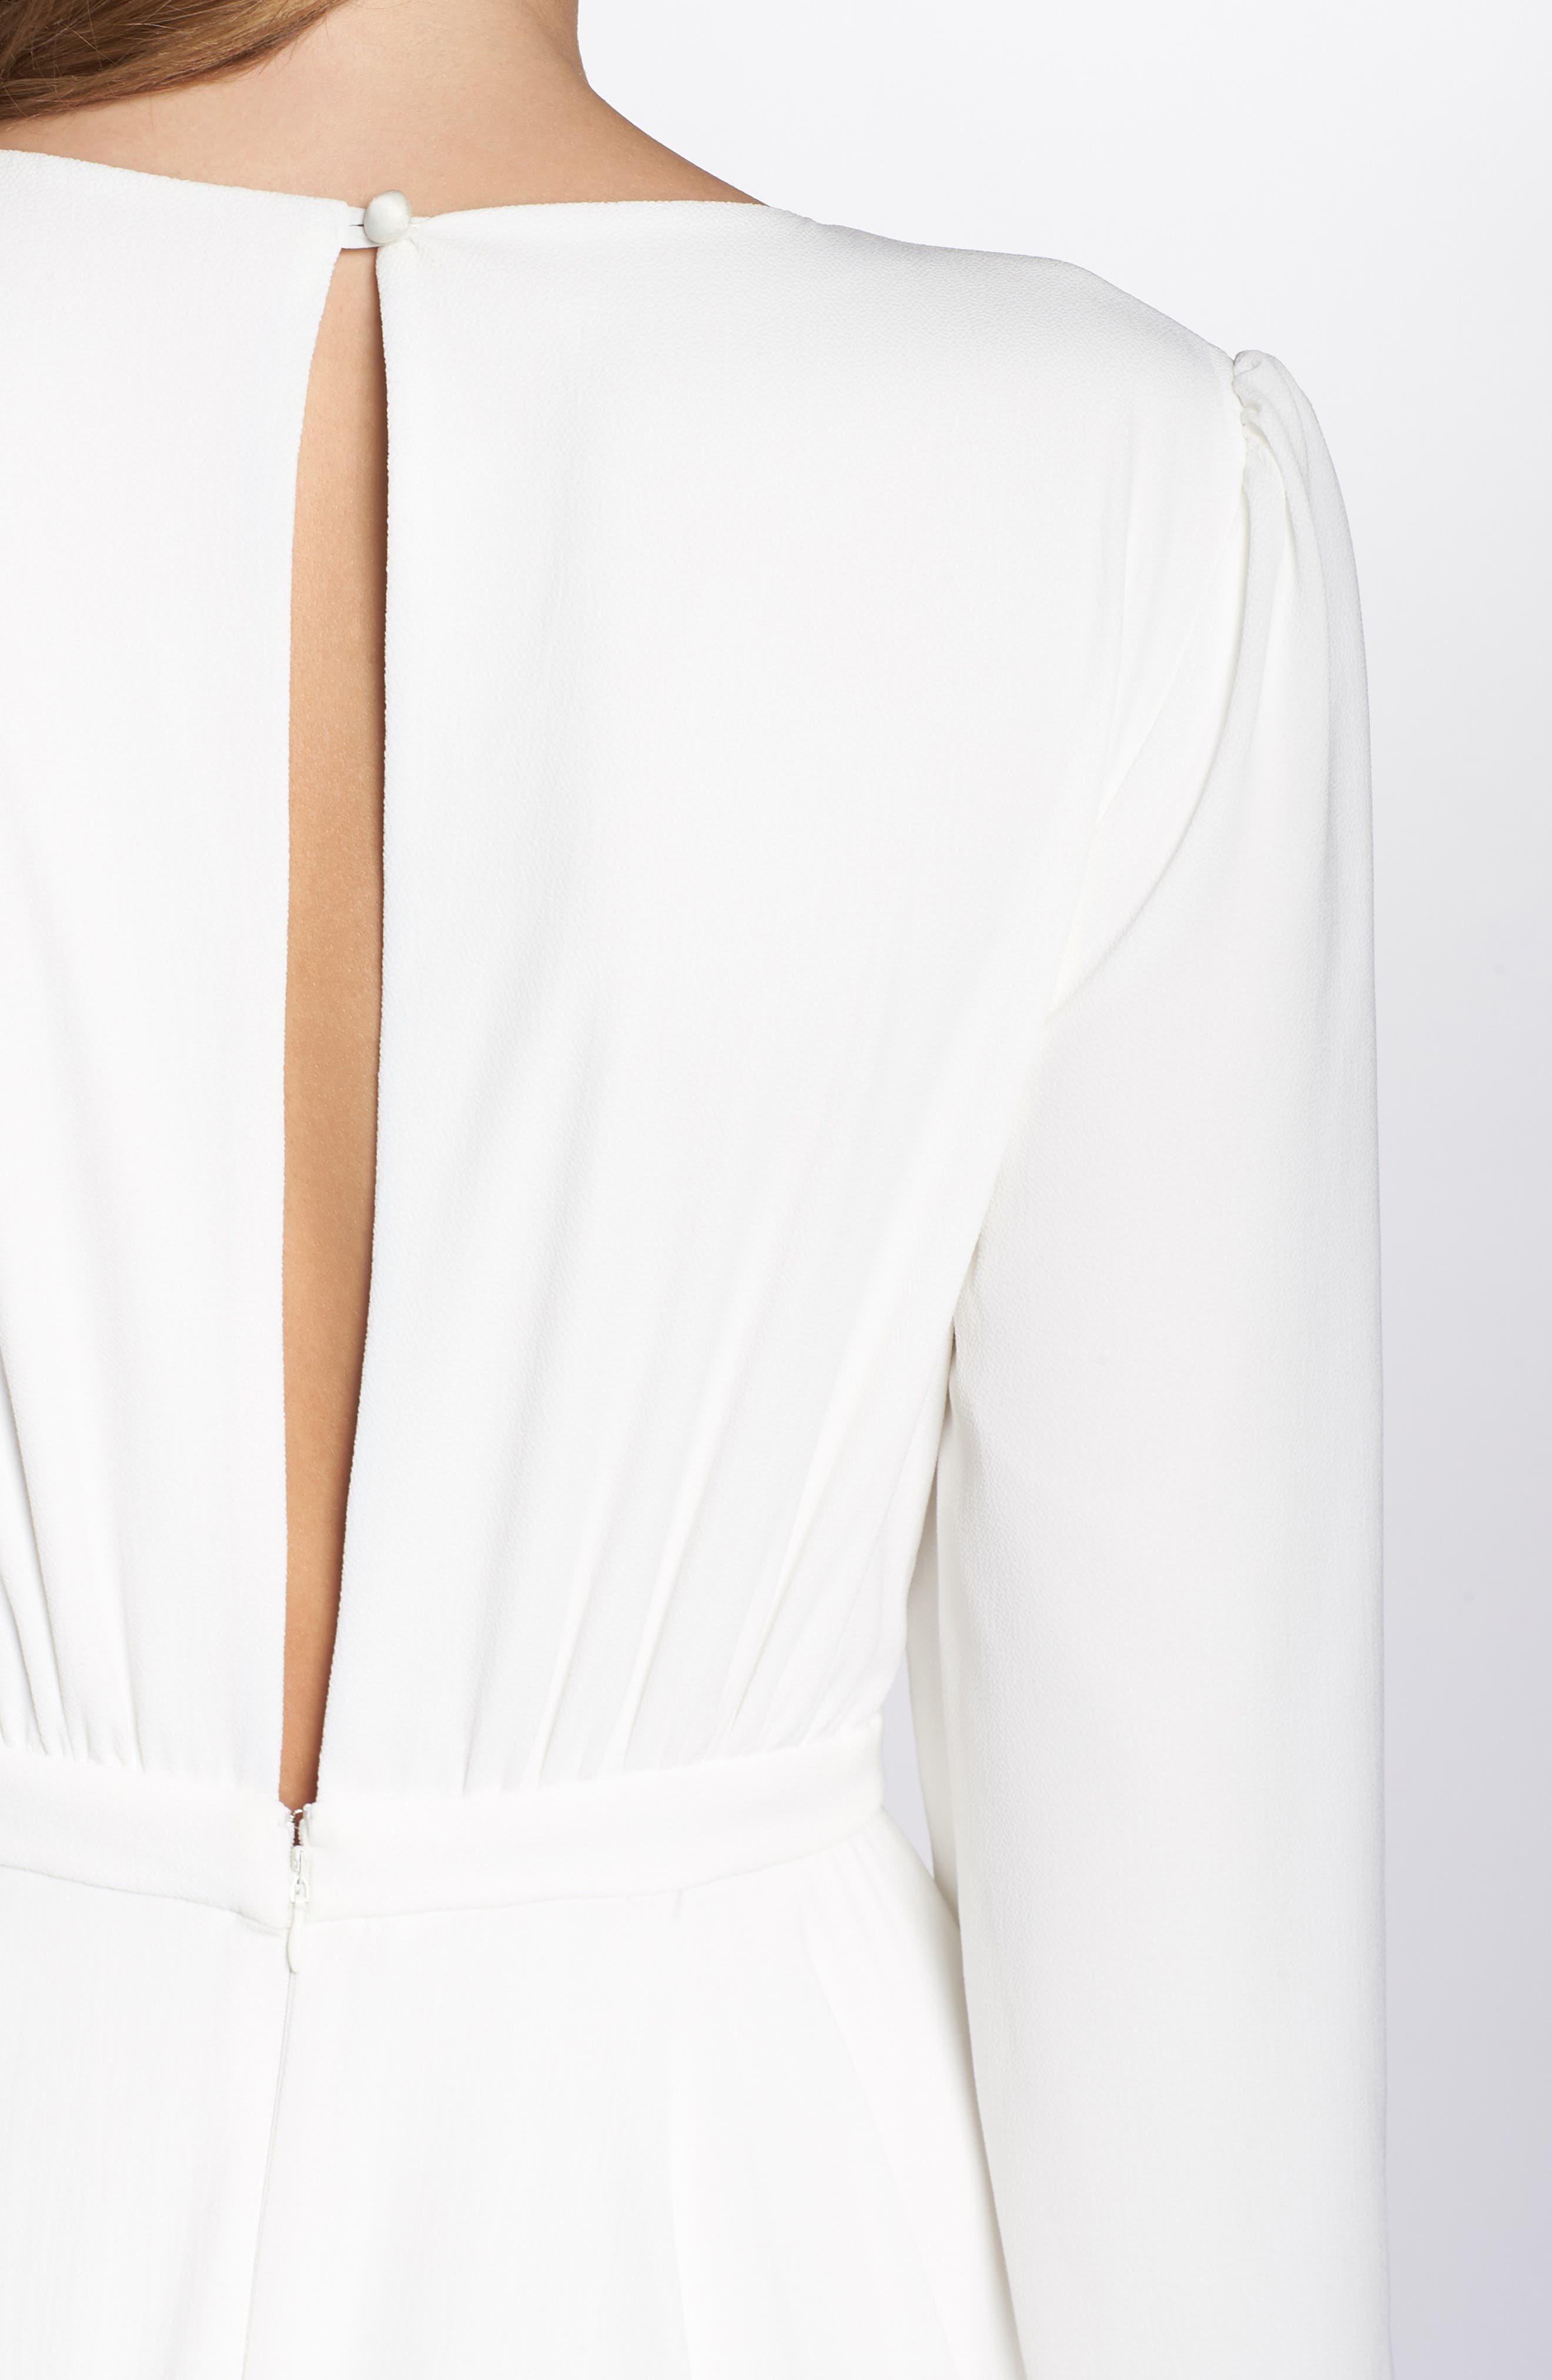 Floyd V-Neck Long Sleeve Gown,                             Alternate thumbnail 4, color,                             White